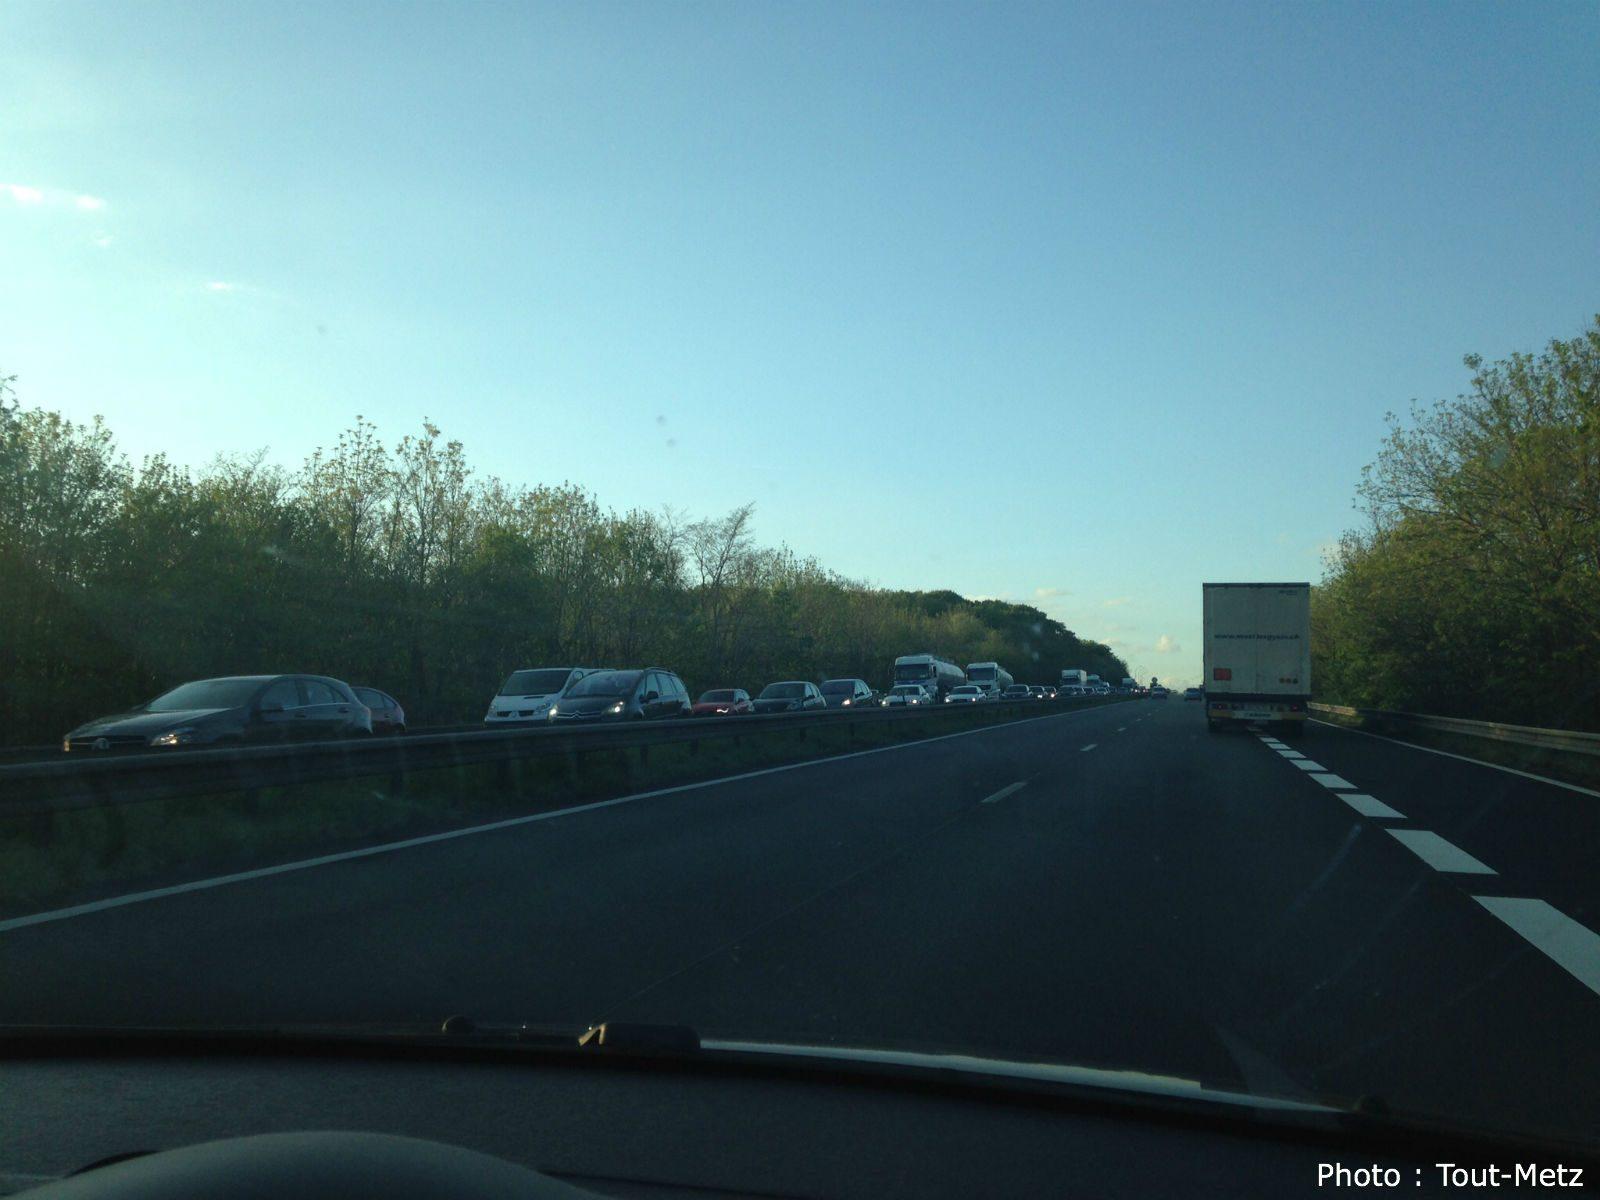 Péage de l'A4 : de nouveaux tarifs pour les abonnés dès juillet